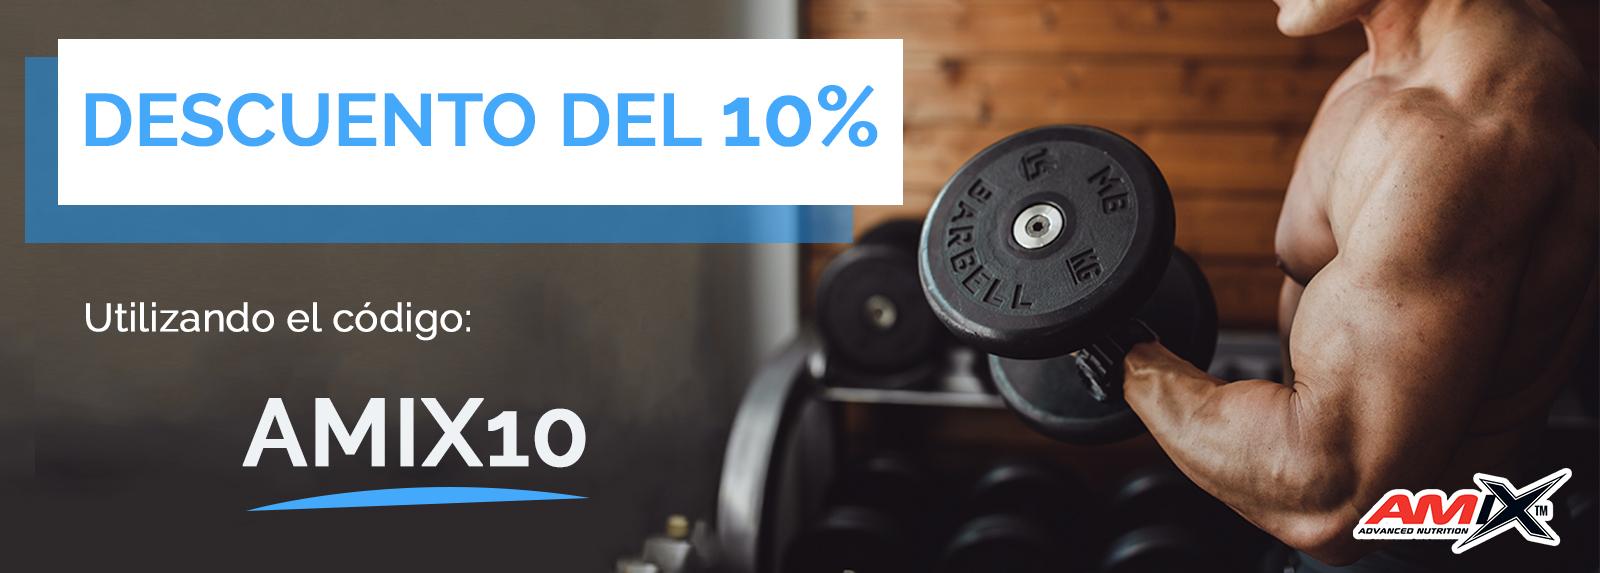 Descuentos del 10% utilizando el código: AMIX10.